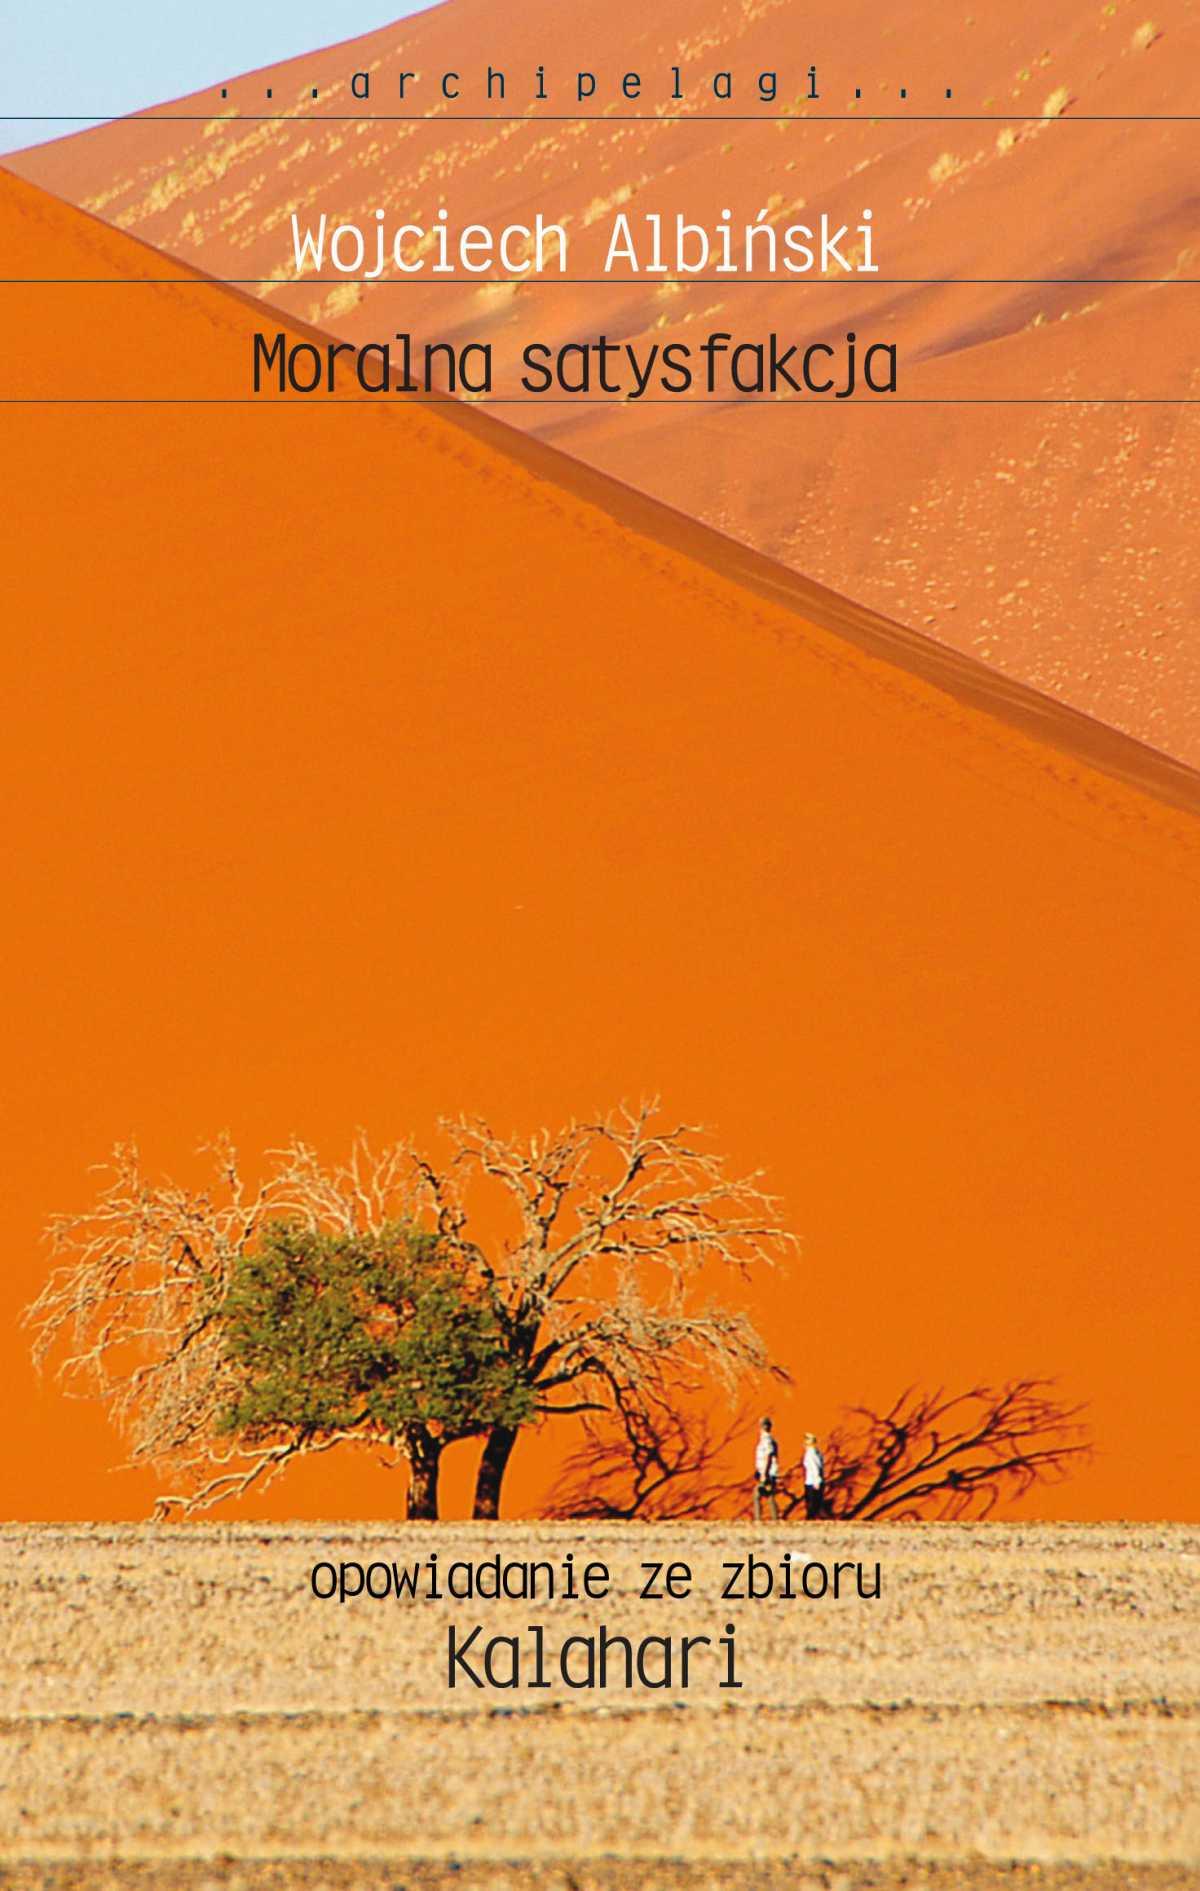 Moralna satysfakcja - Ebook (Książka EPUB) do pobrania w formacie EPUB